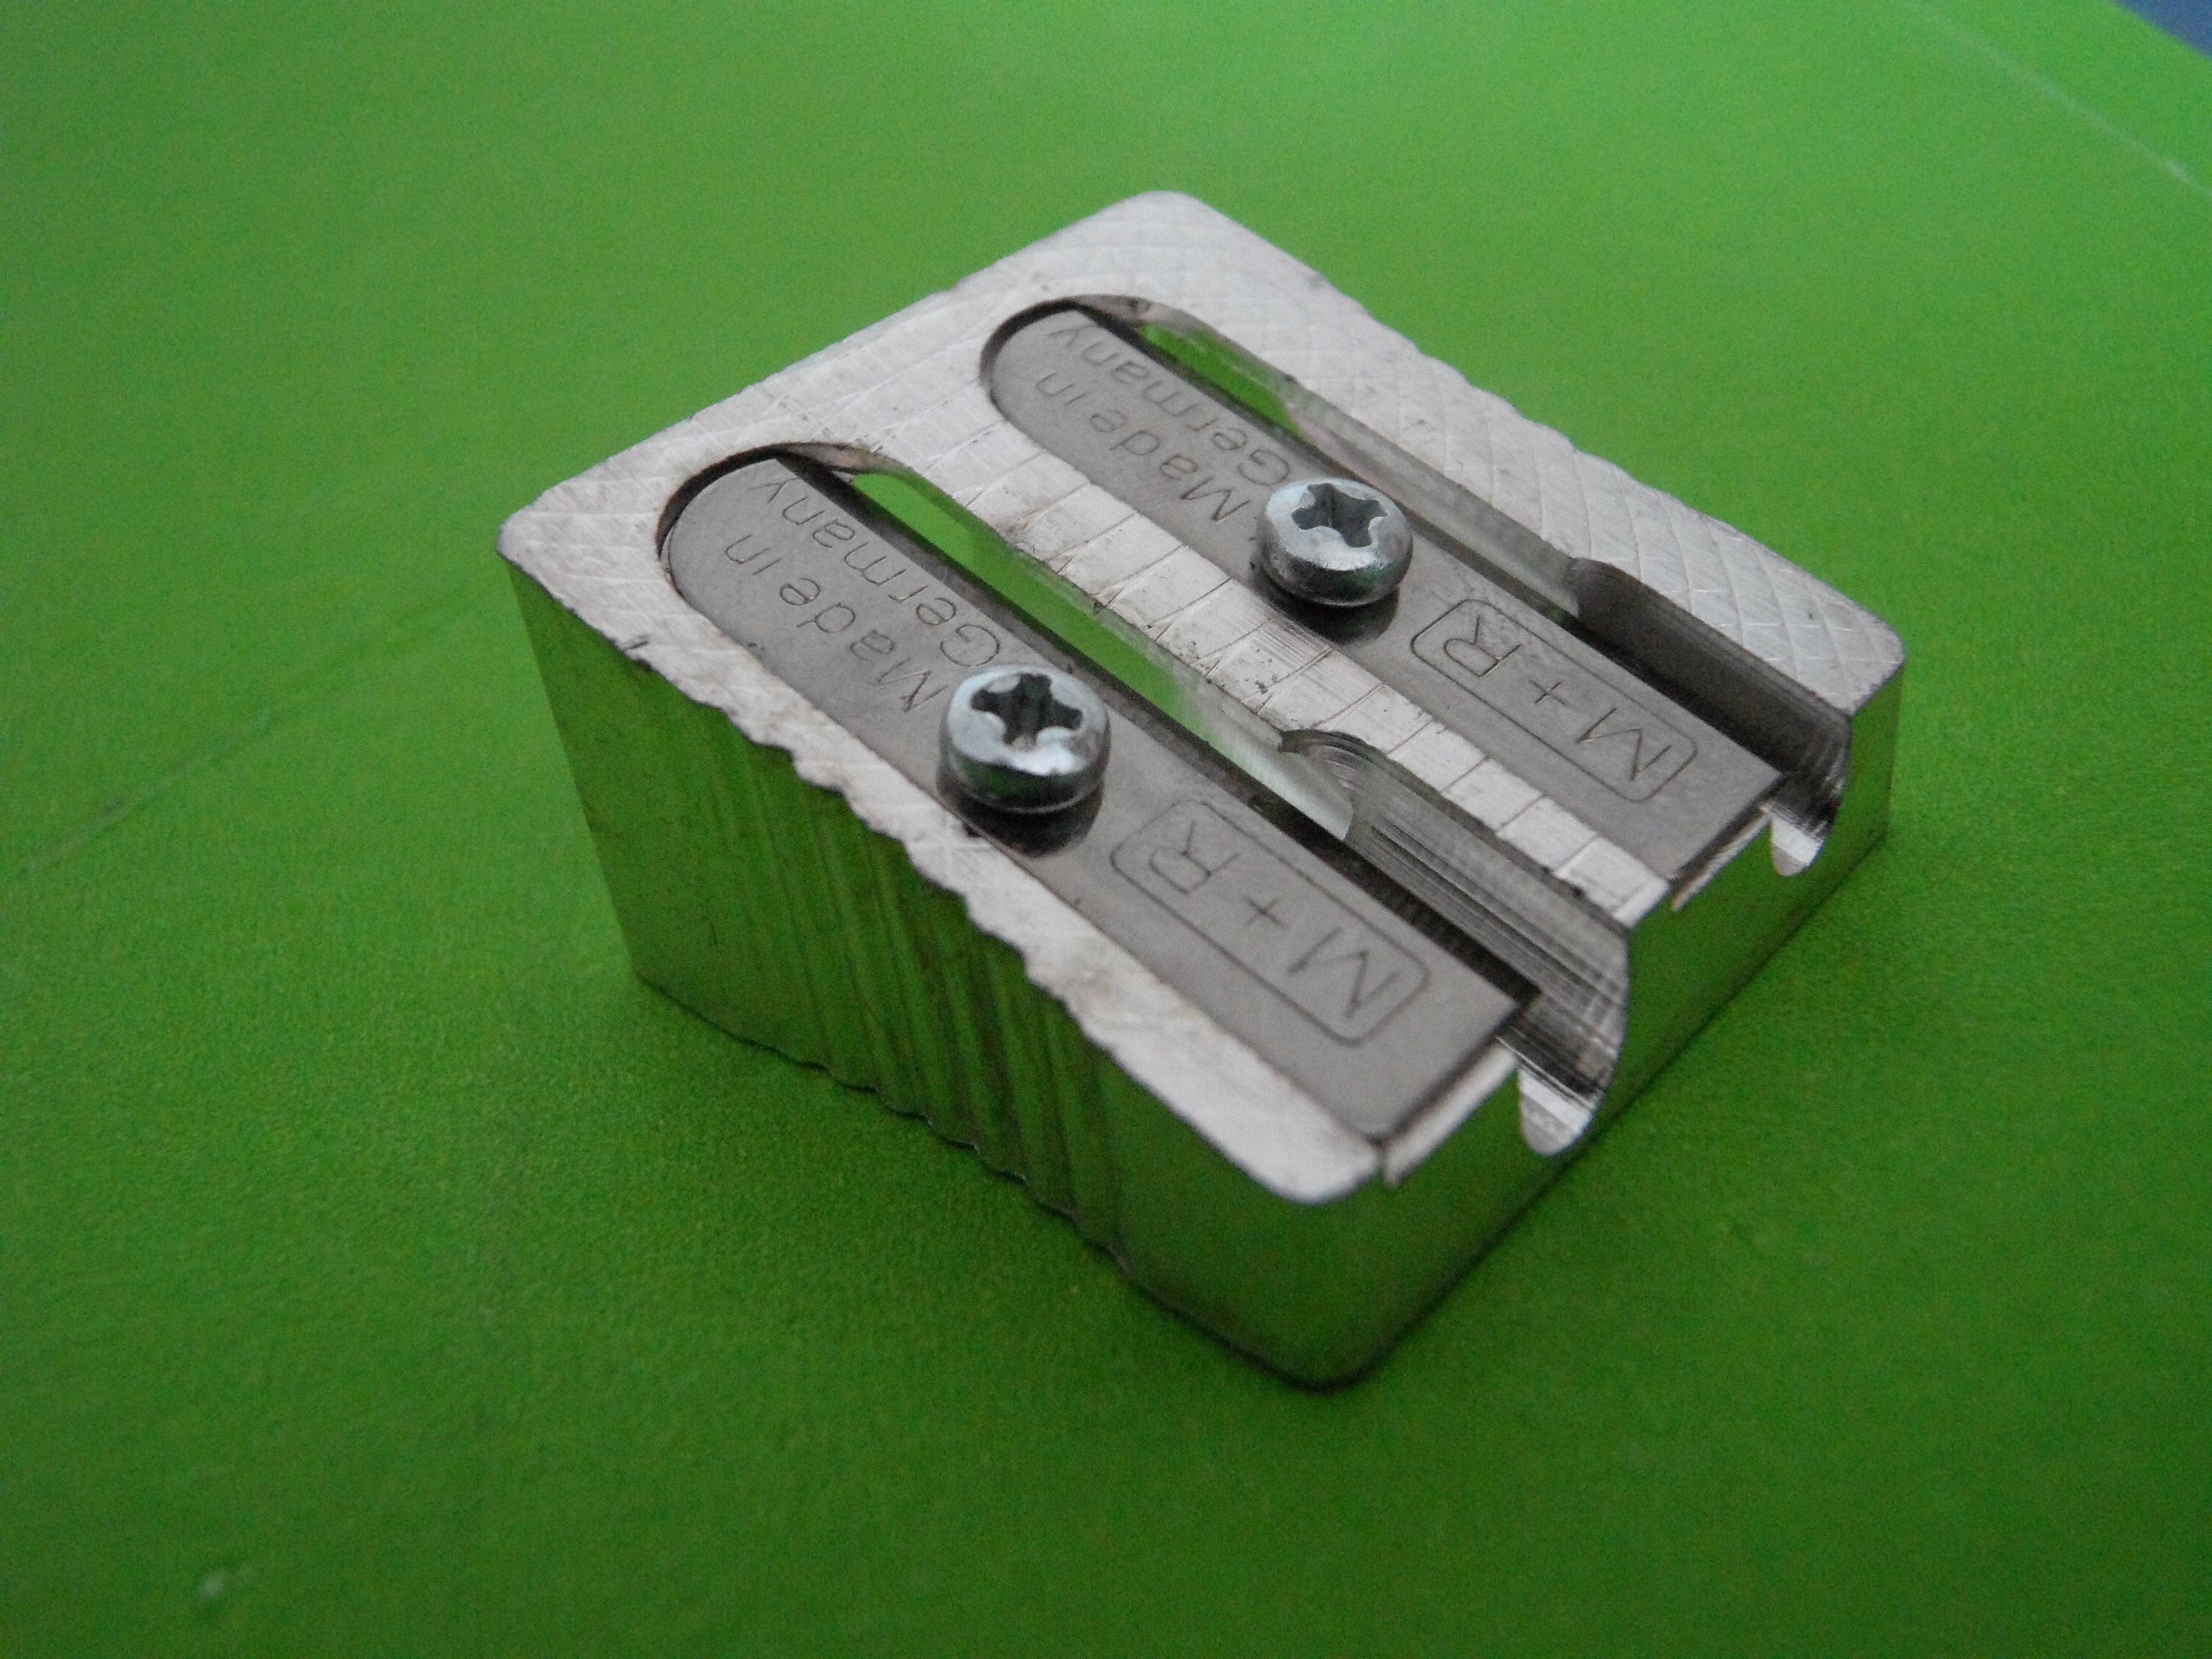 Free Images Green Laser Pencil Sharpener Spitzer